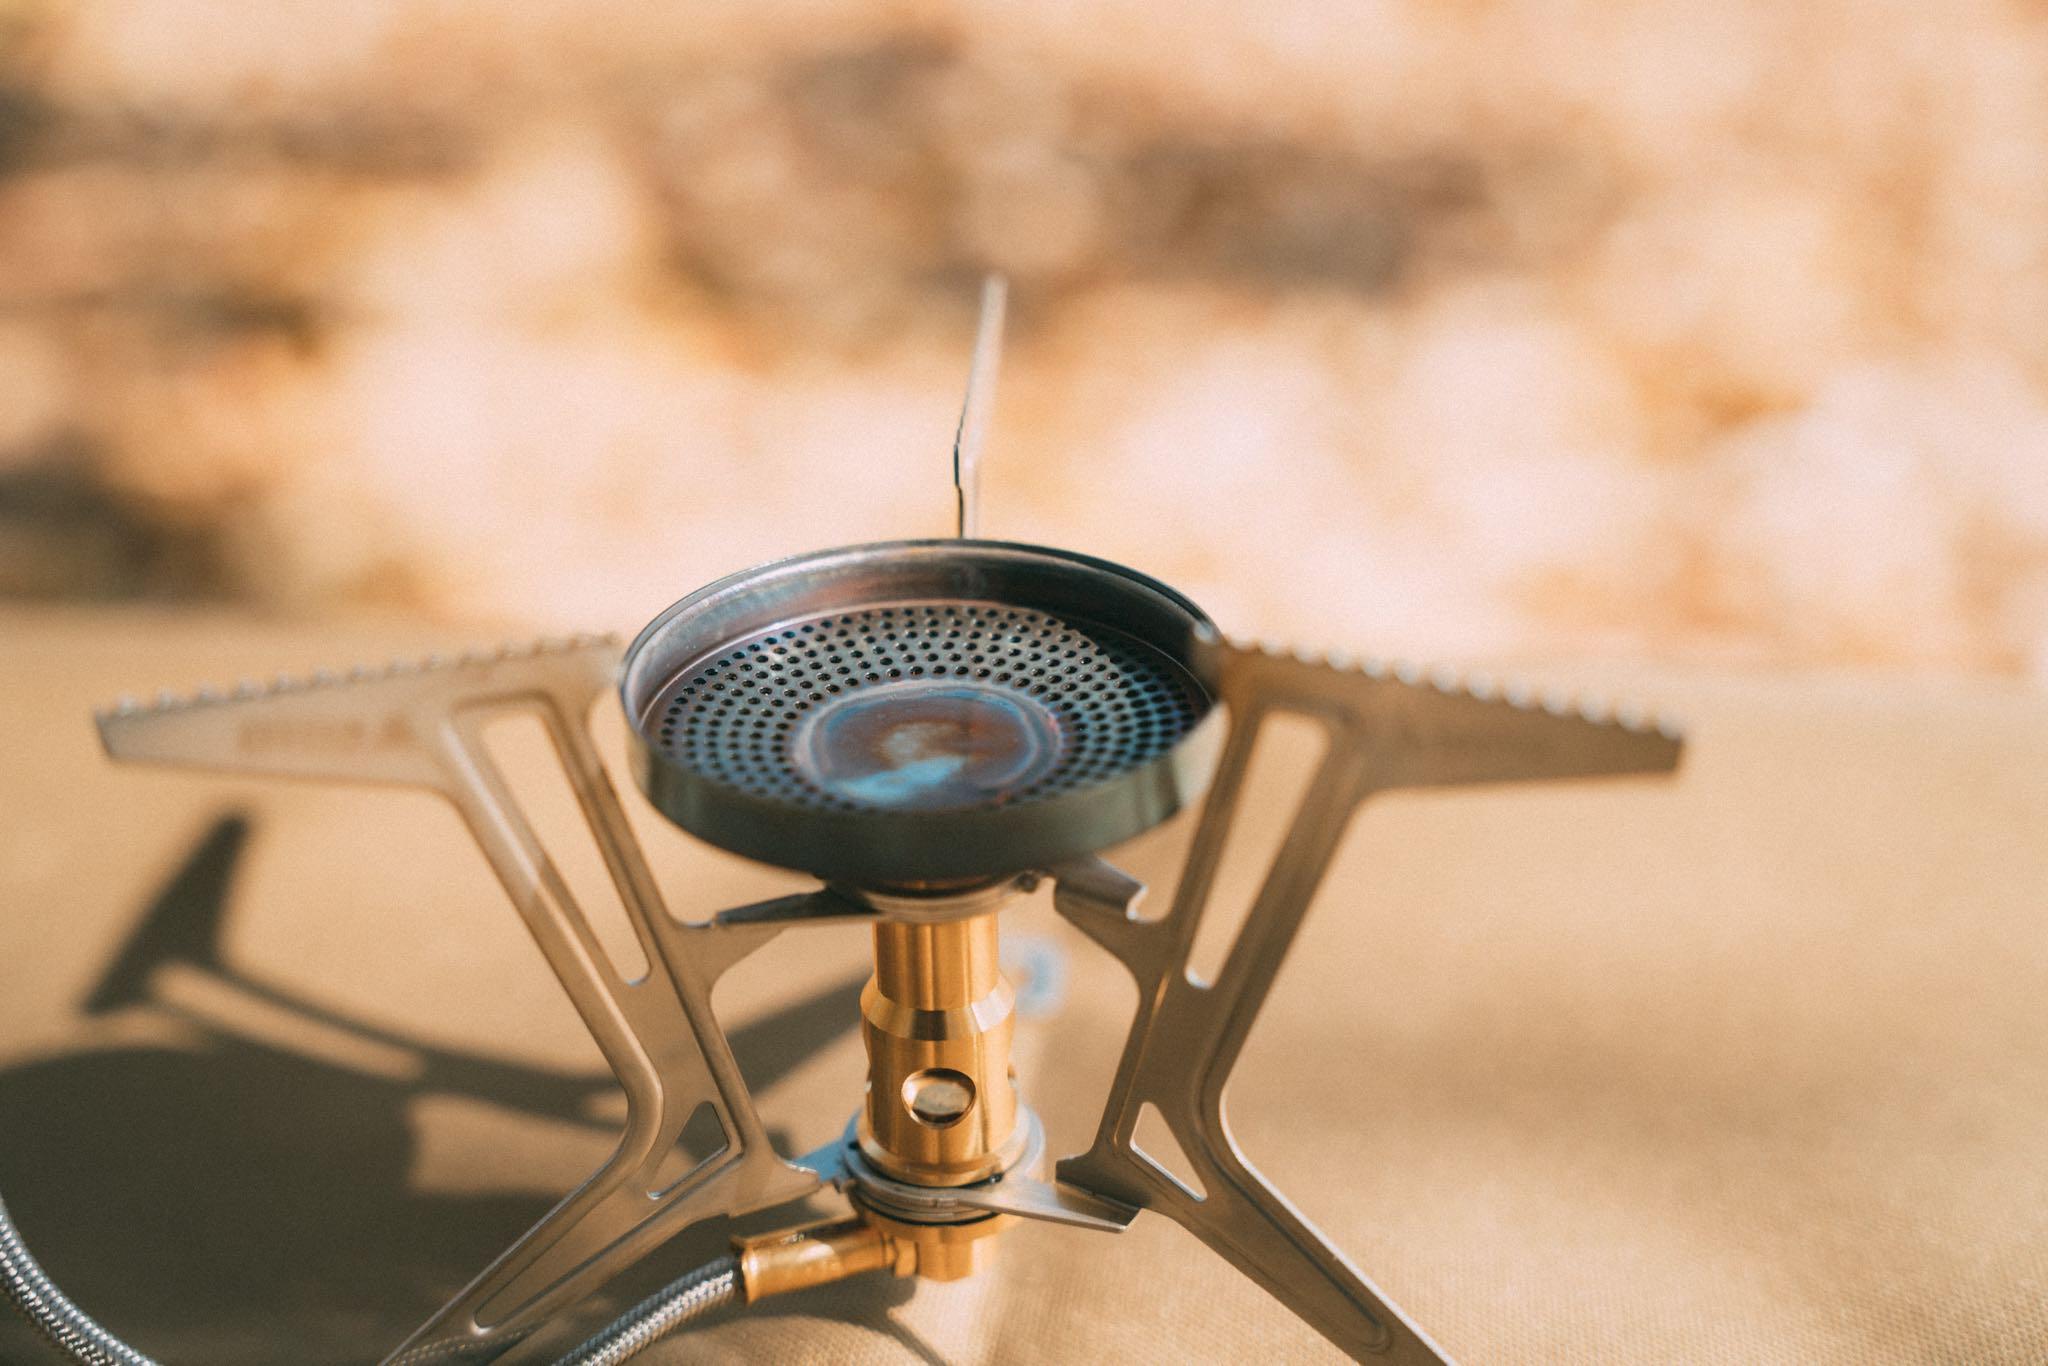 【レビュー】SOTO フュージョントレック|高い耐風性